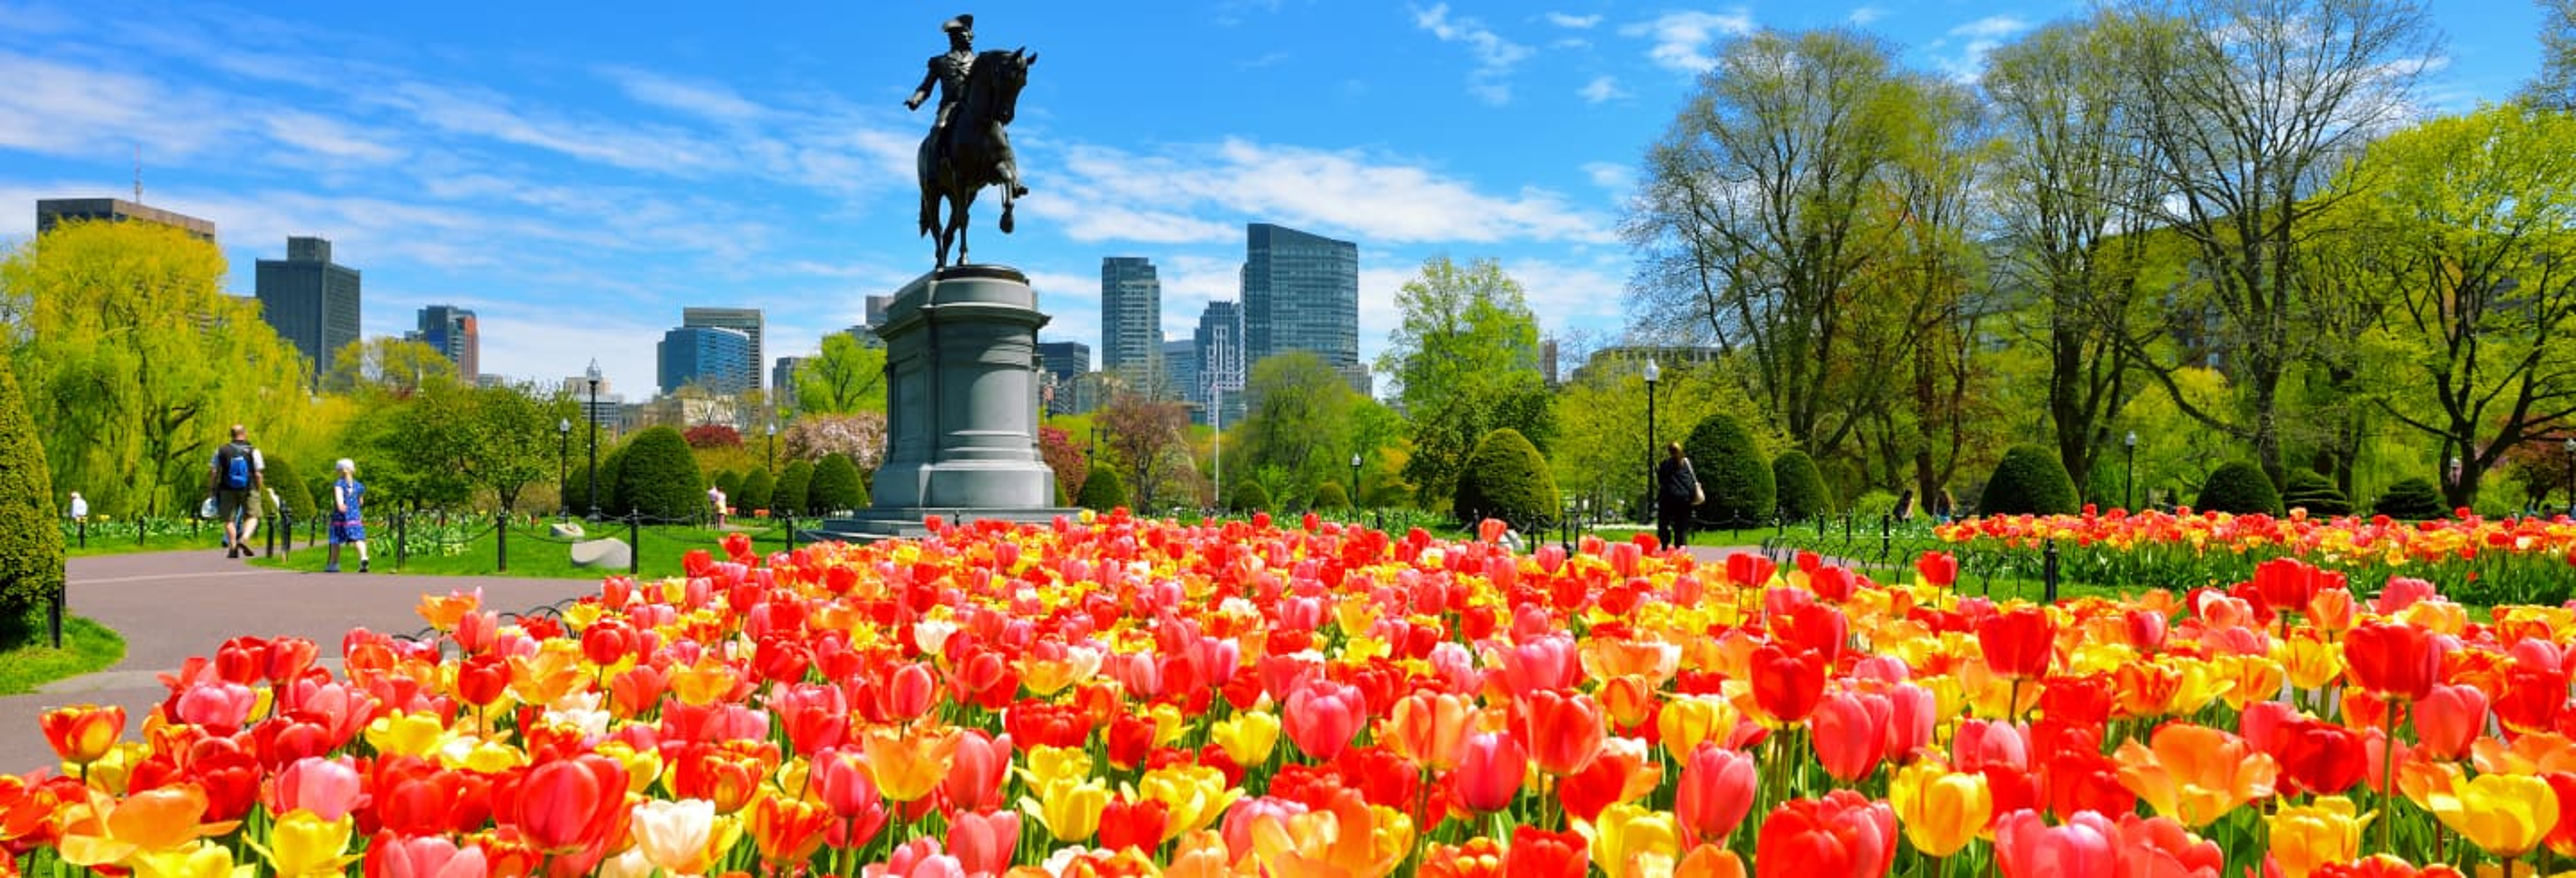 Visita guiada por Boston